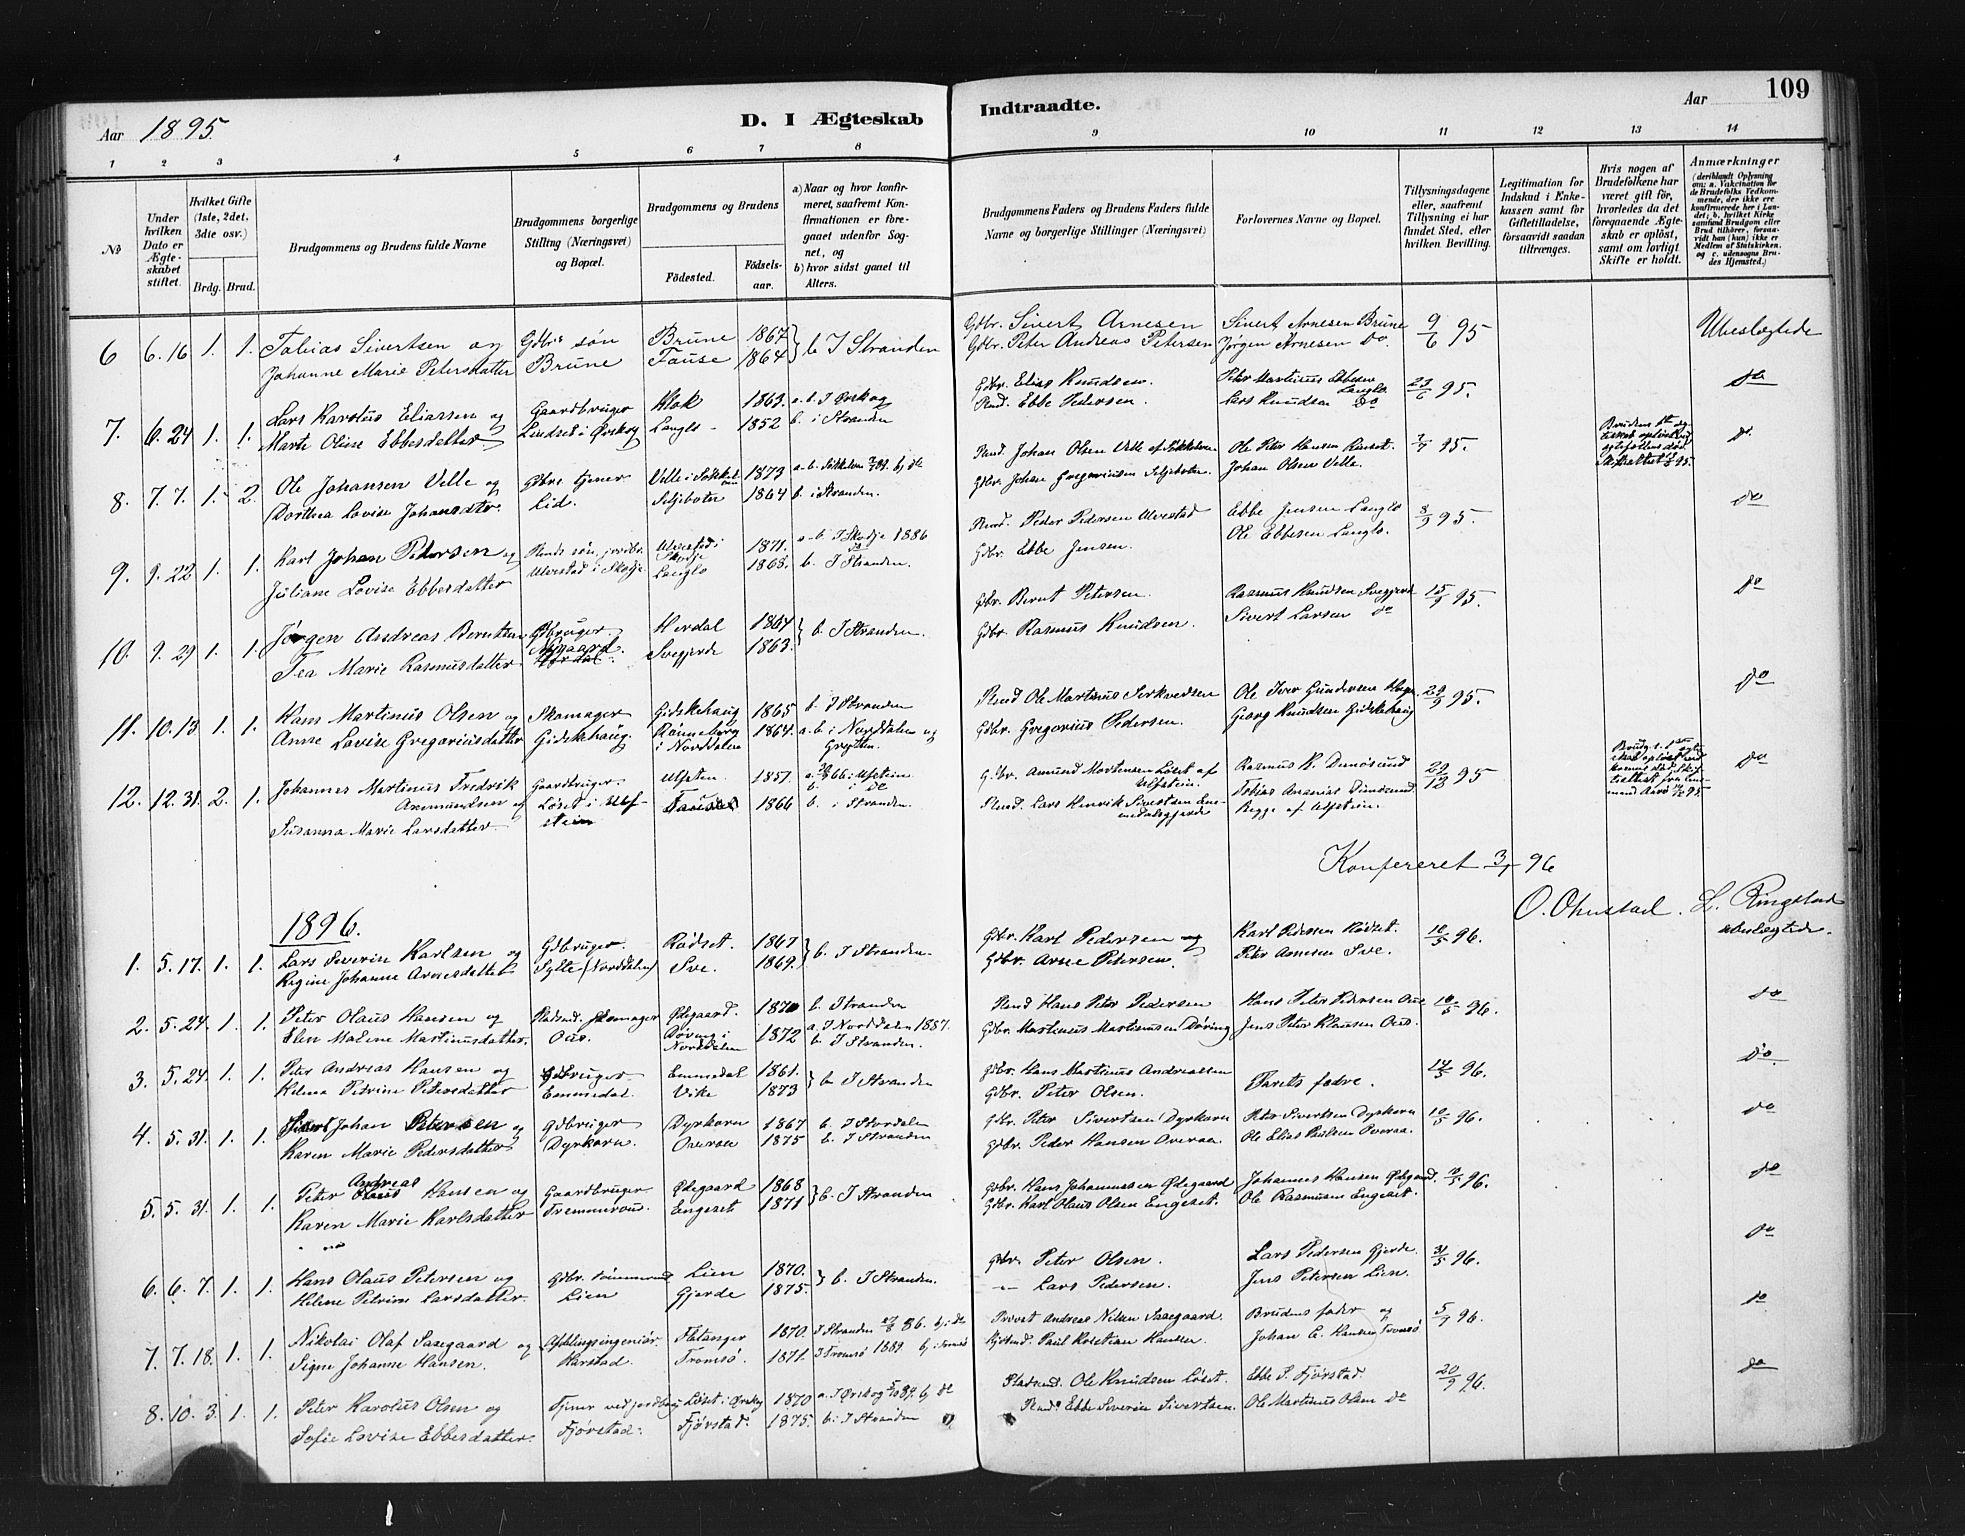 SAT, Ministerialprotokoller, klokkerbøker og fødselsregistre - Møre og Romsdal, 520/L0283: Ministerialbok nr. 520A12, 1882-1898, s. 109